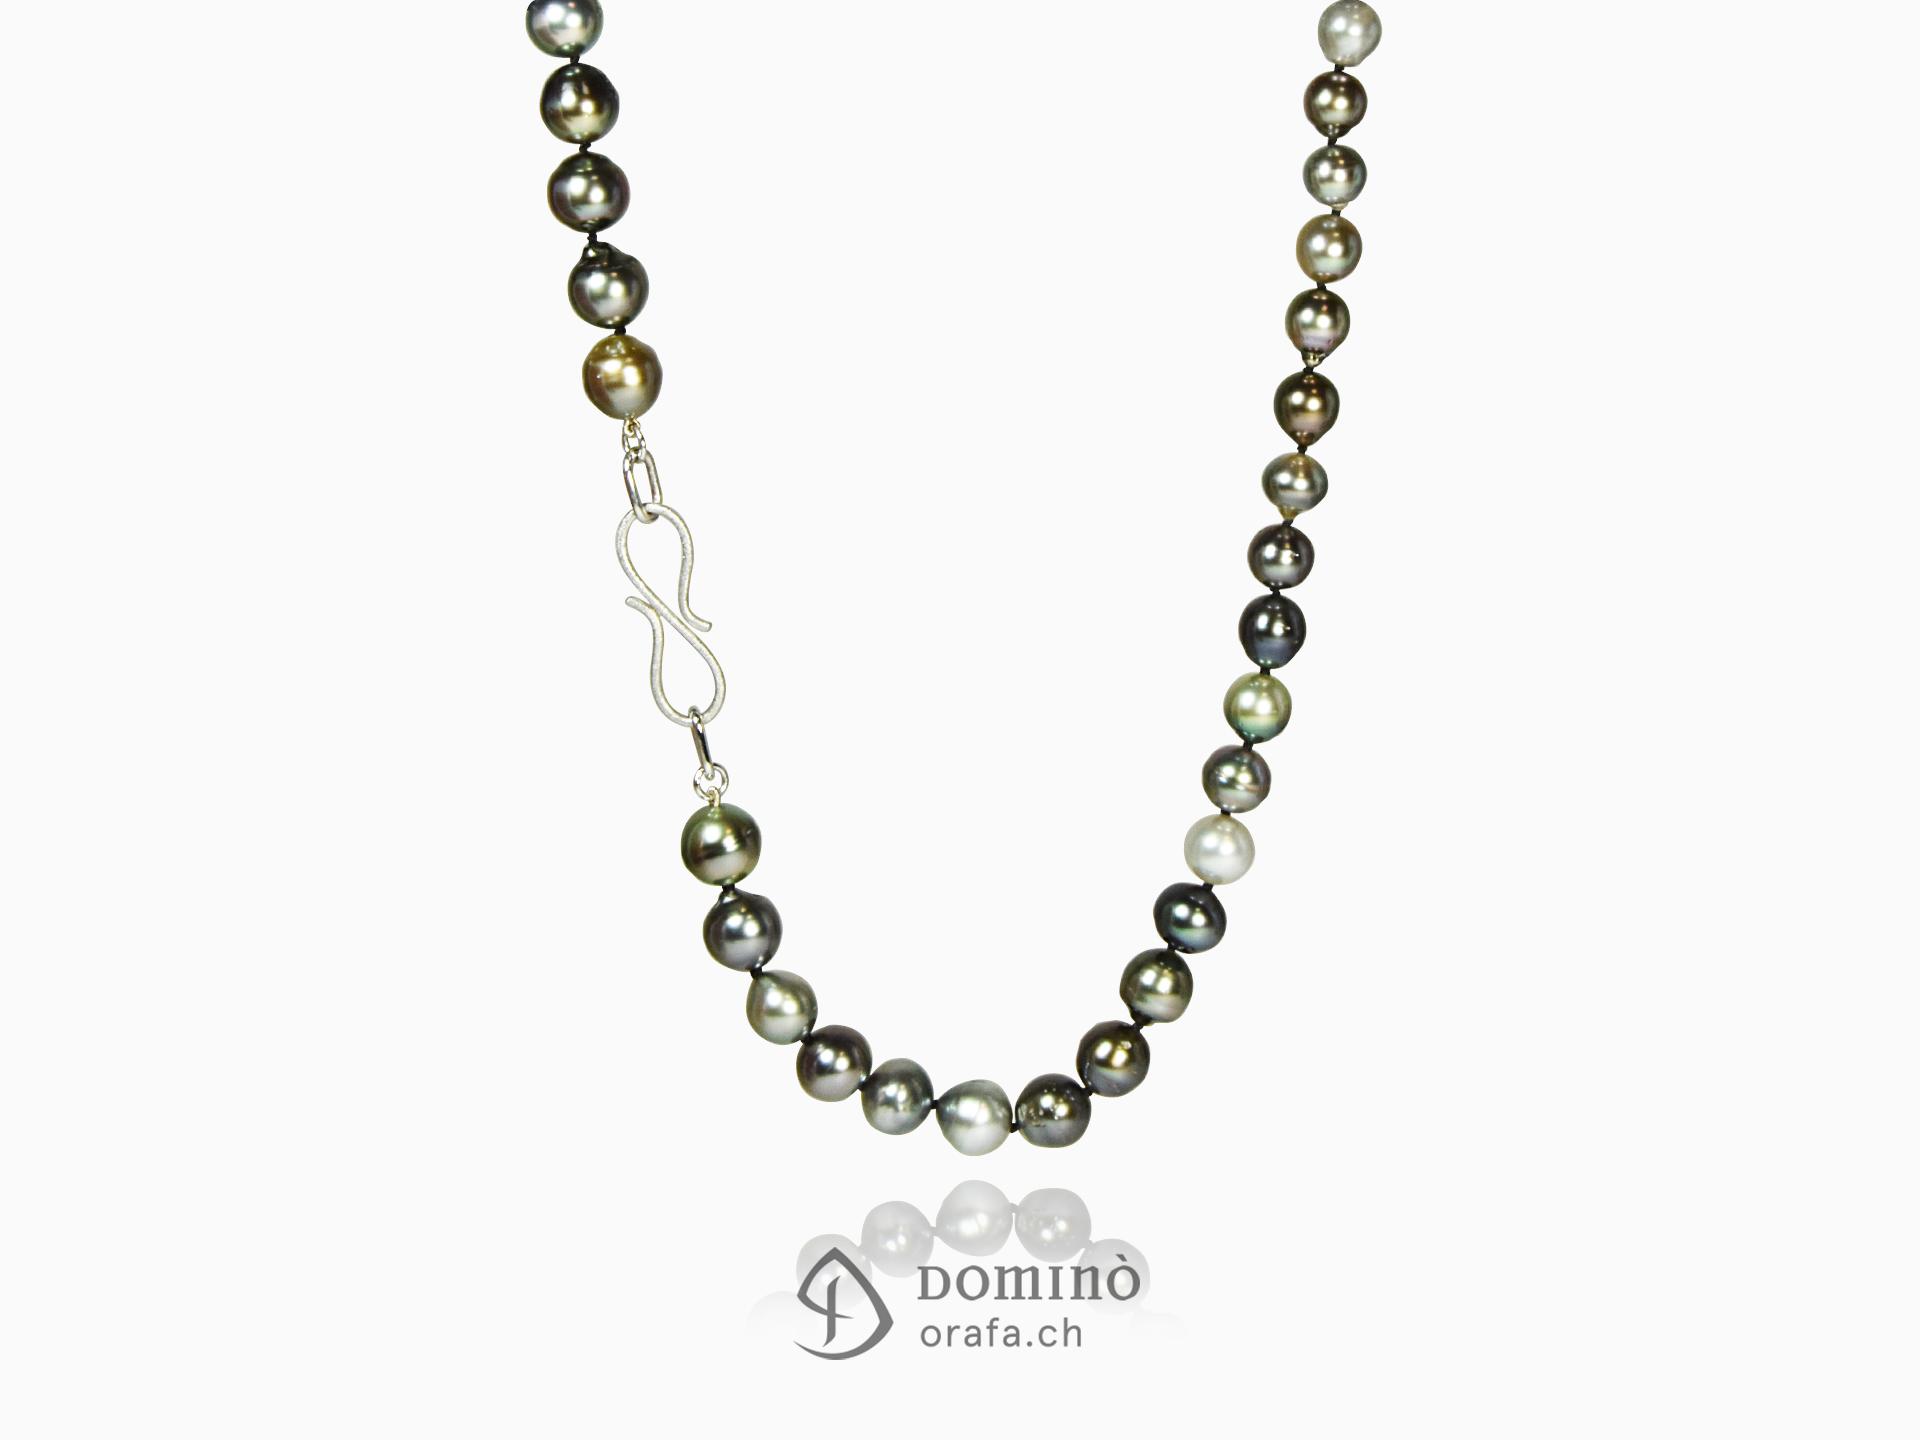 Collier di perle tahiti multicolor e oro bianco